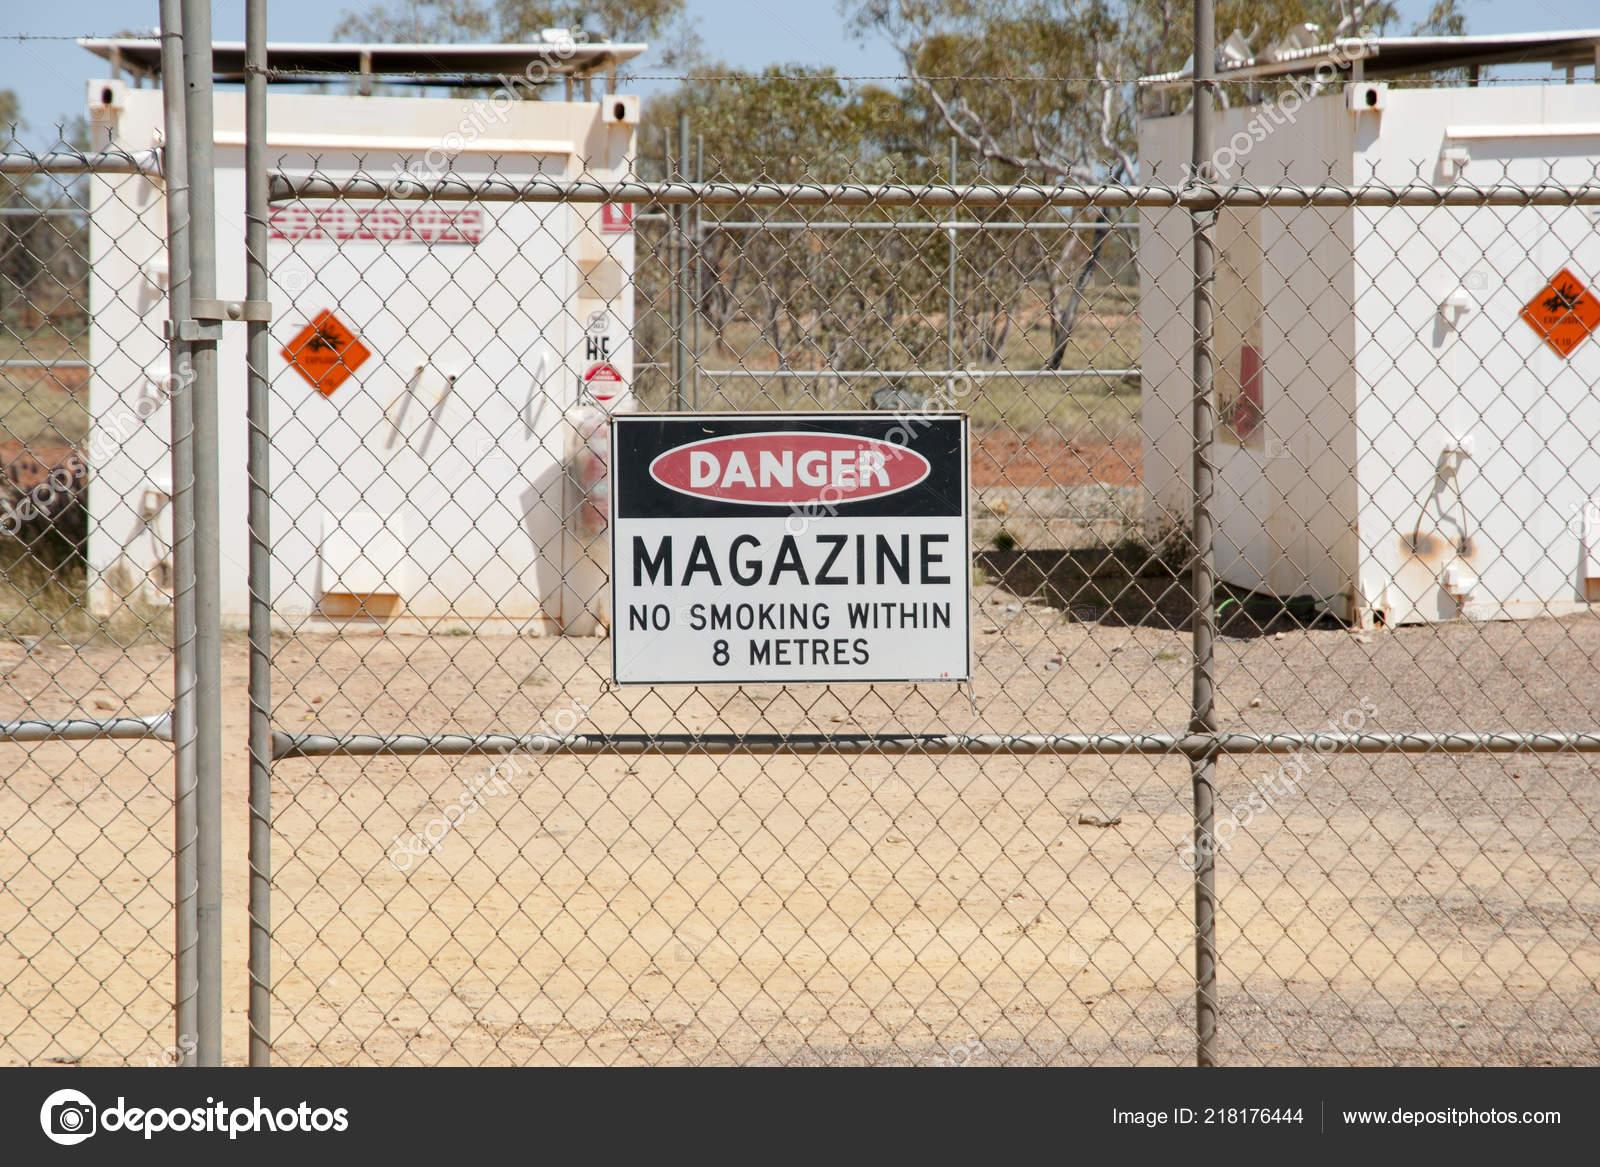 Explosives Magazine Enclosure Mining — Stock Photo © adwo